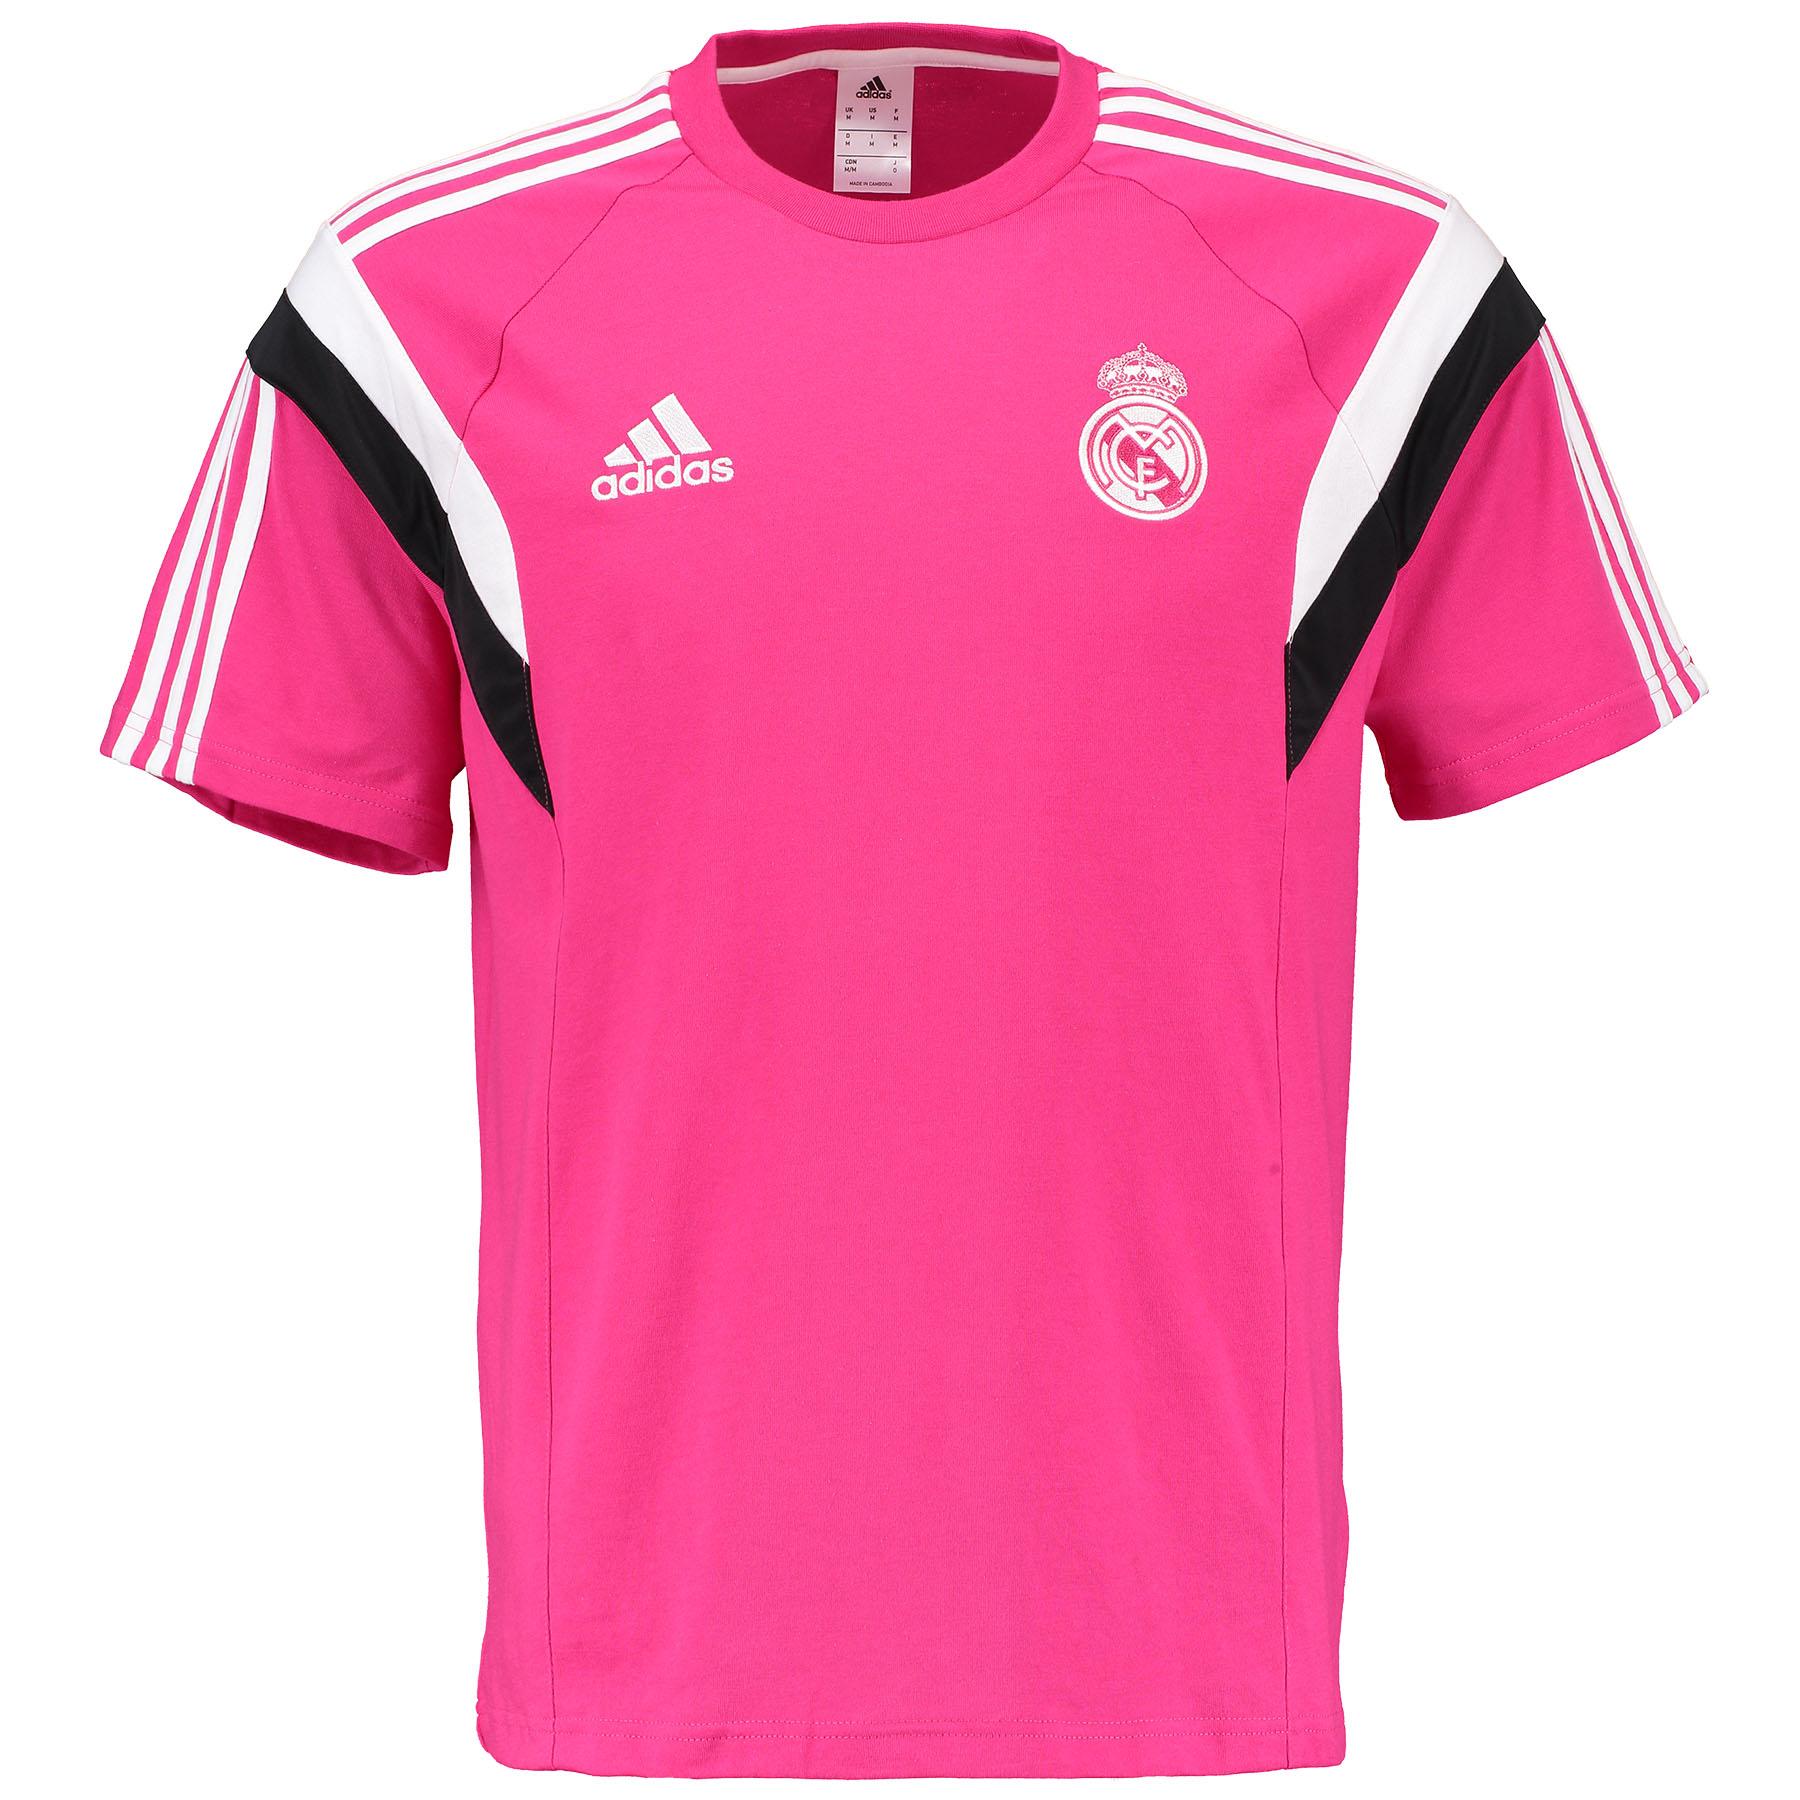 Real Madrid Camiseta Entrenamiento Adidas - Hombre